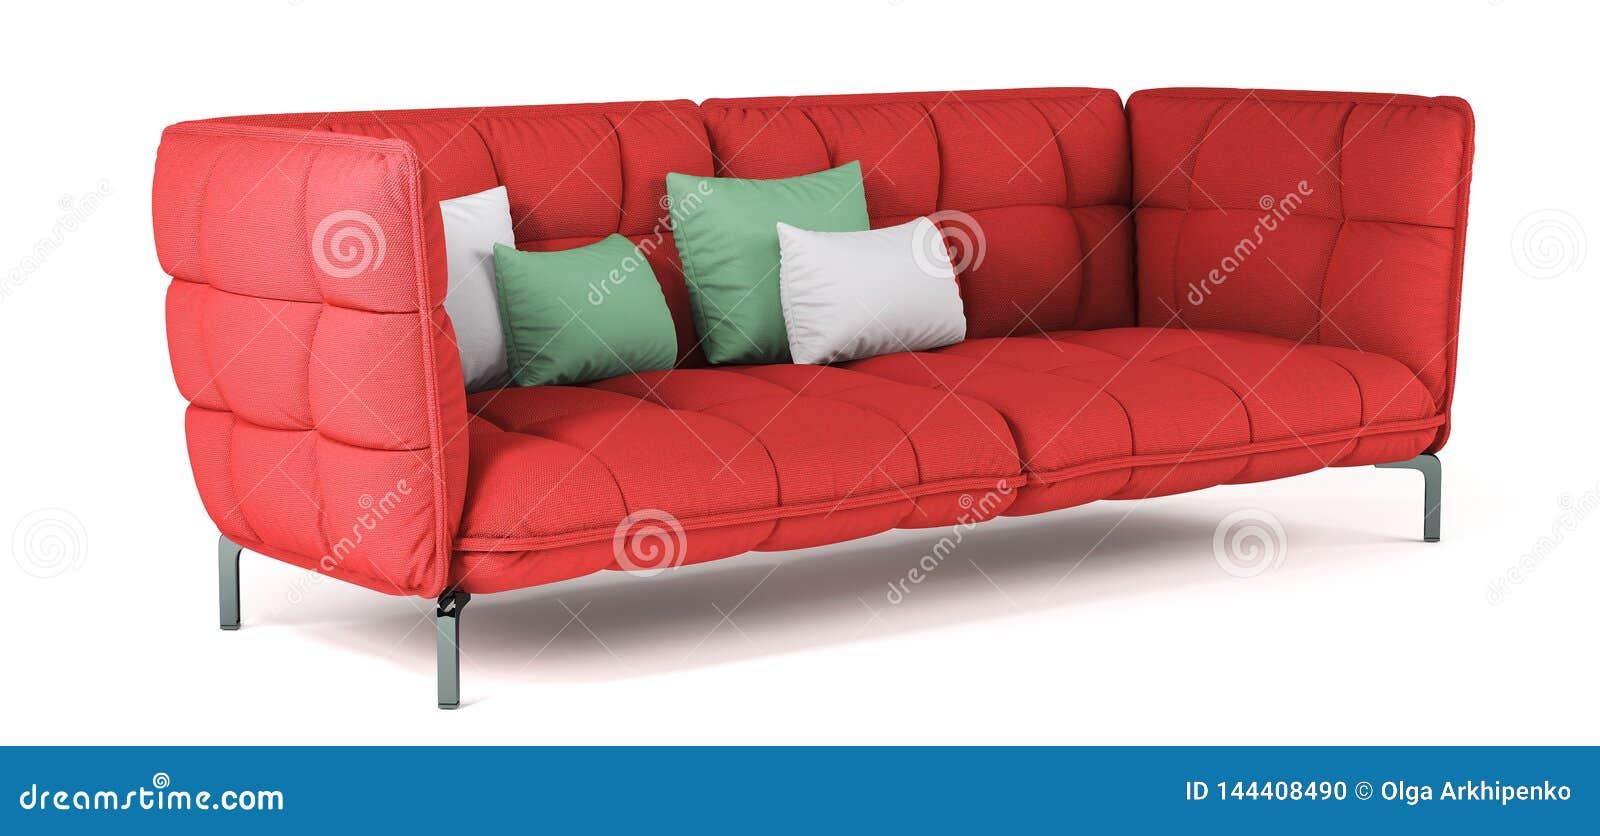 Sofà imbottito rosso moderno del tessuto sulle gambe del metallo con i cuscini su fondo bianco isolato Mobilia, oggetto interno C